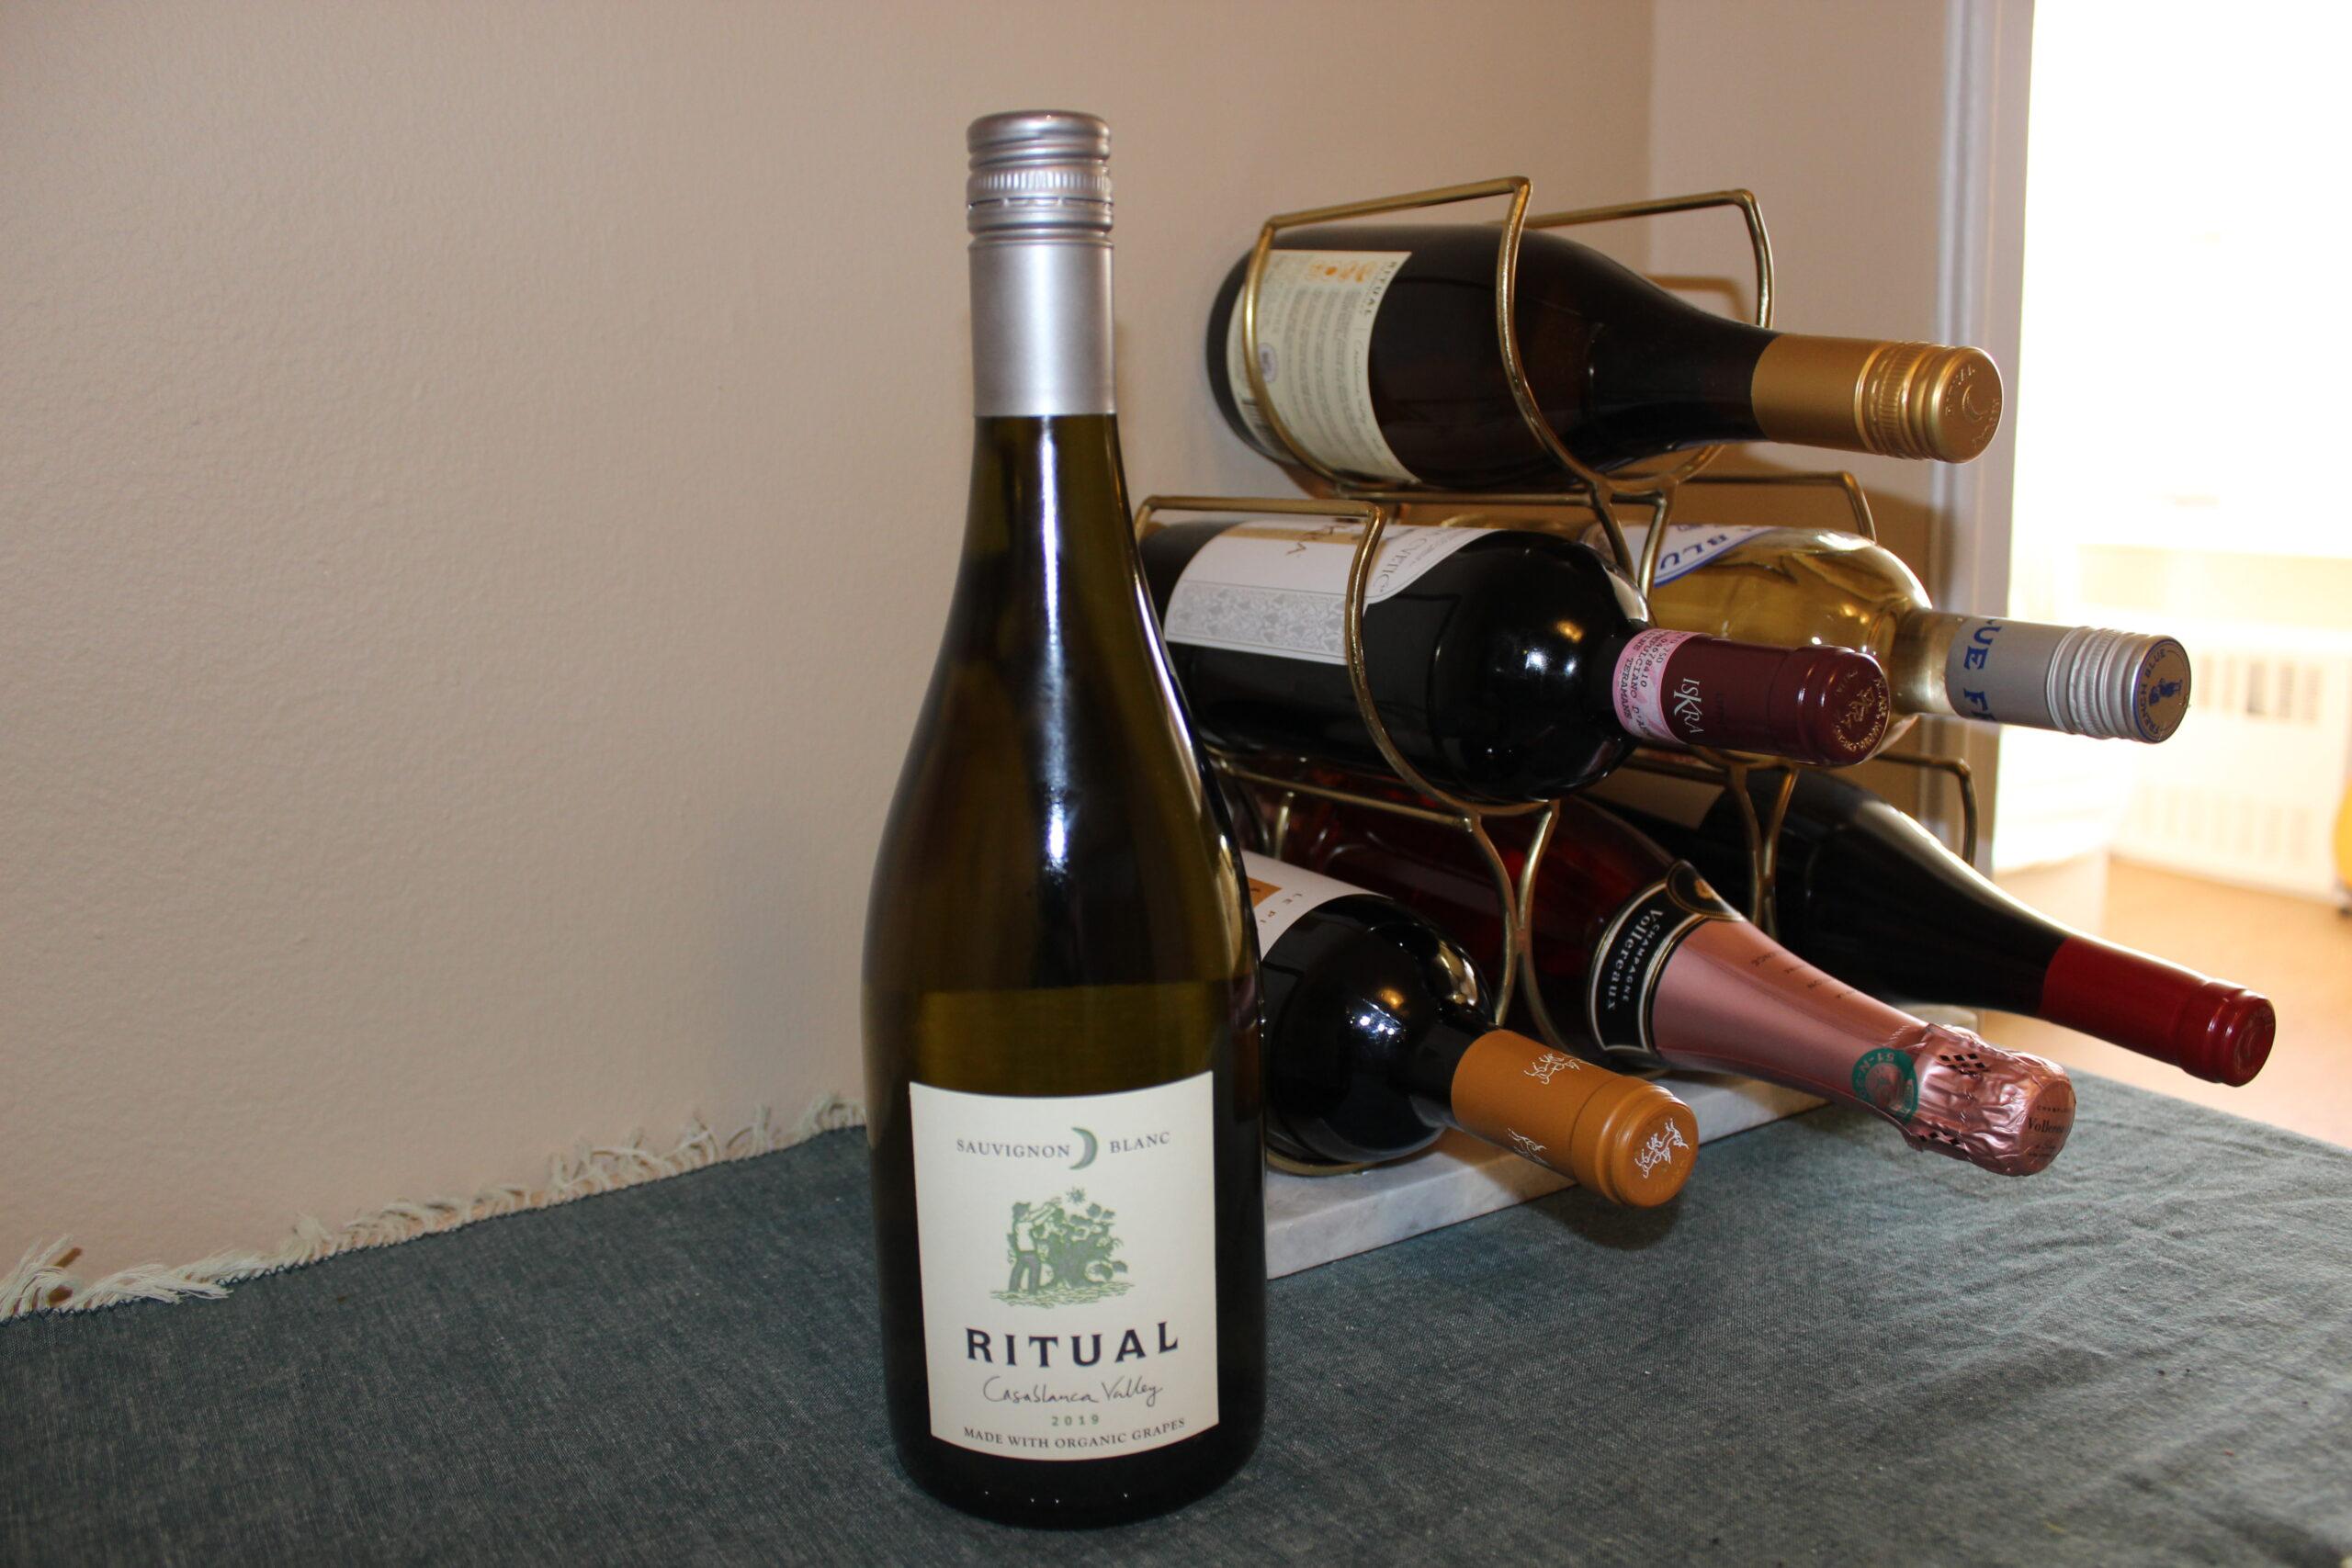 Ritual Sauvignon Blanc